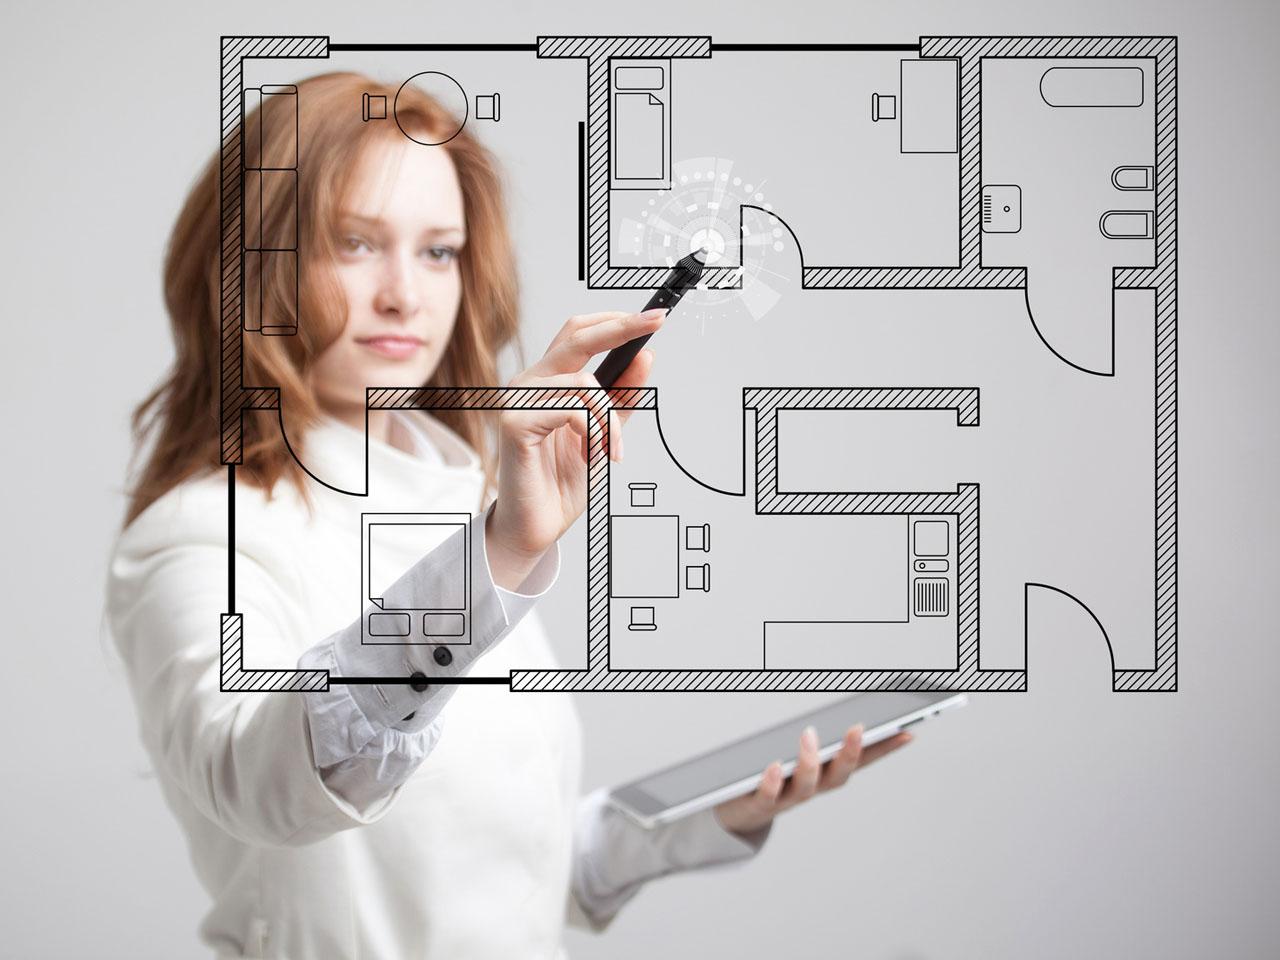 La réalité augmentée au service de l'immobilier